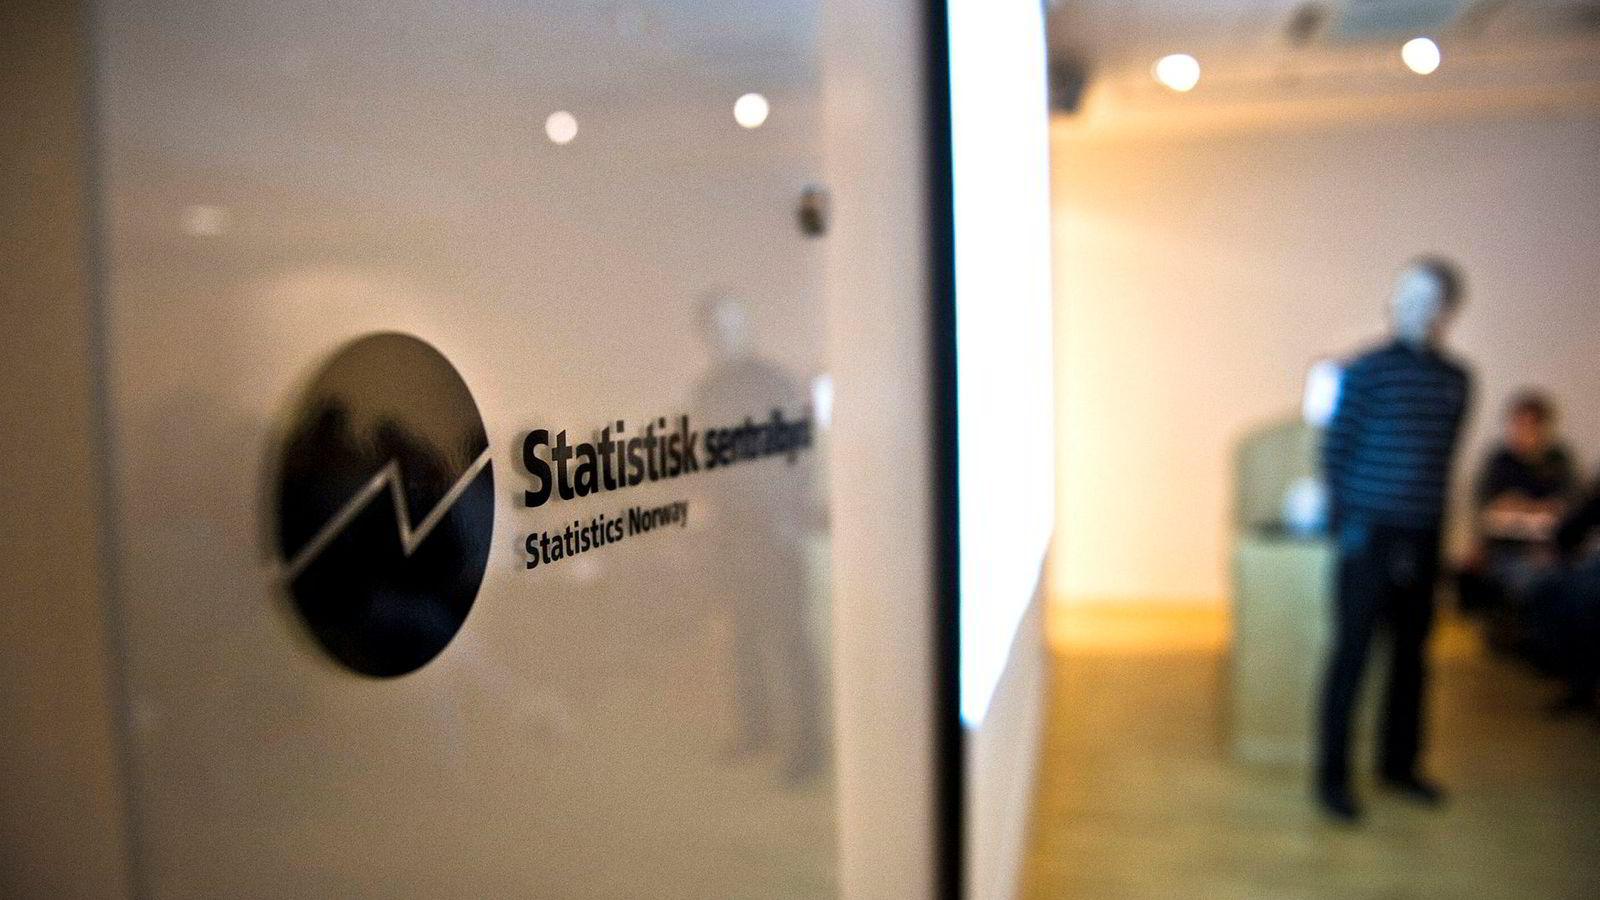 Etter vårt syn må SSB spisse sin forskningsavdeling så den lever opp til den kvalitetssikring det er naturlig å forvente fra en offentlig institusjon med offentlige midler til forskning, skriver artikkelforfatterne.